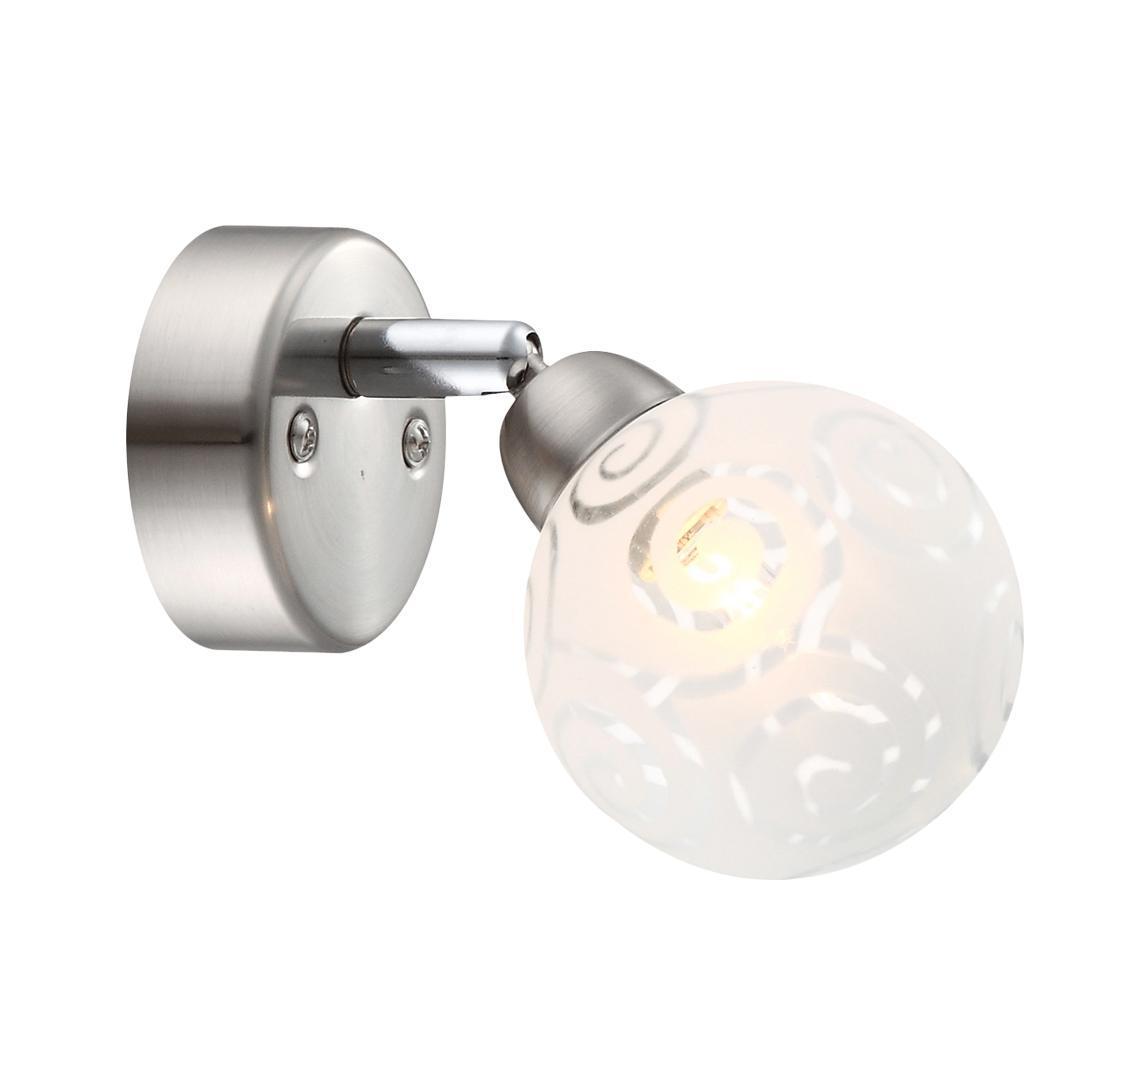 56392-1 Настенно-потолочный светильник ORLENE56392-1Бра (светильник настенный) Globo Lighting 56392-1 с 1м плафоном в форме шара матового белого цвета с рисунком в виде прозрачных спиралей закрепленный на круглом металлическом крепежном основании цвета матовый никель и 1ой лампой цоколя G9 макс. 28Ватт(230V) входящей в комплект.